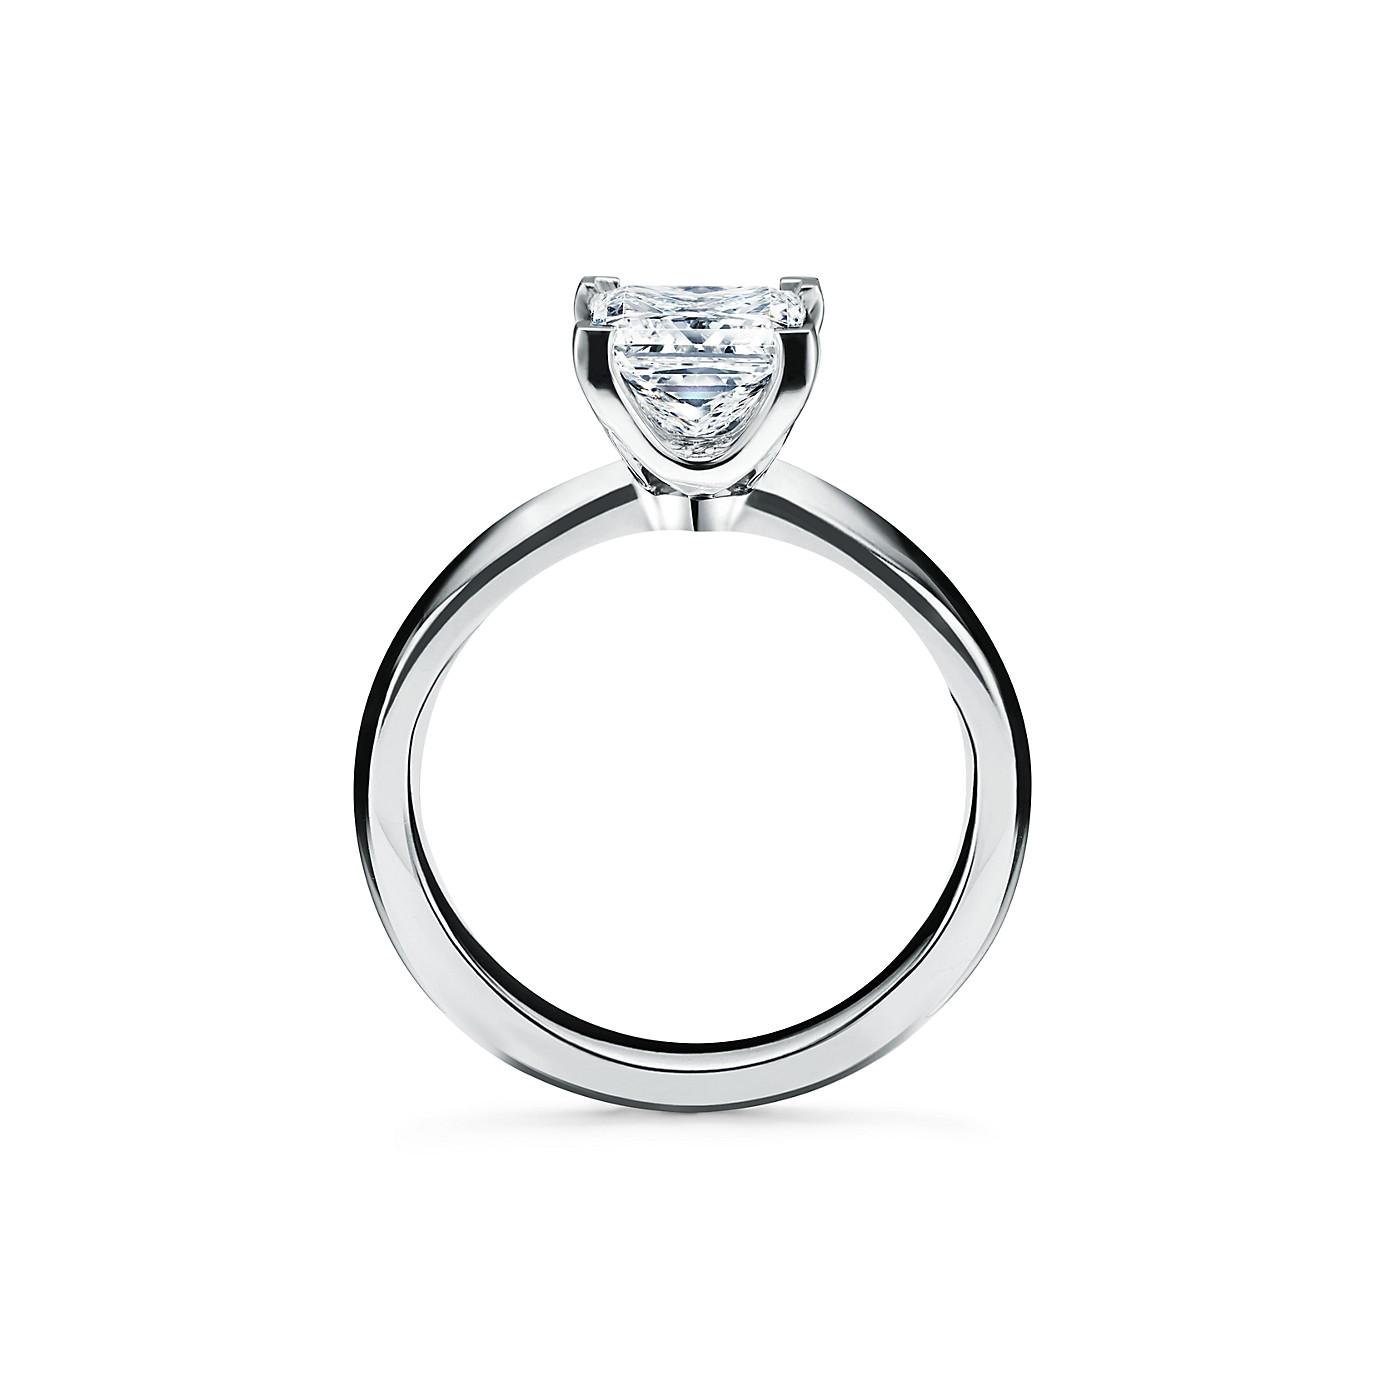 プリンセス カット ダイヤモンド エンゲージメント リング(2)―Tiffany & Co.(ティファニー)